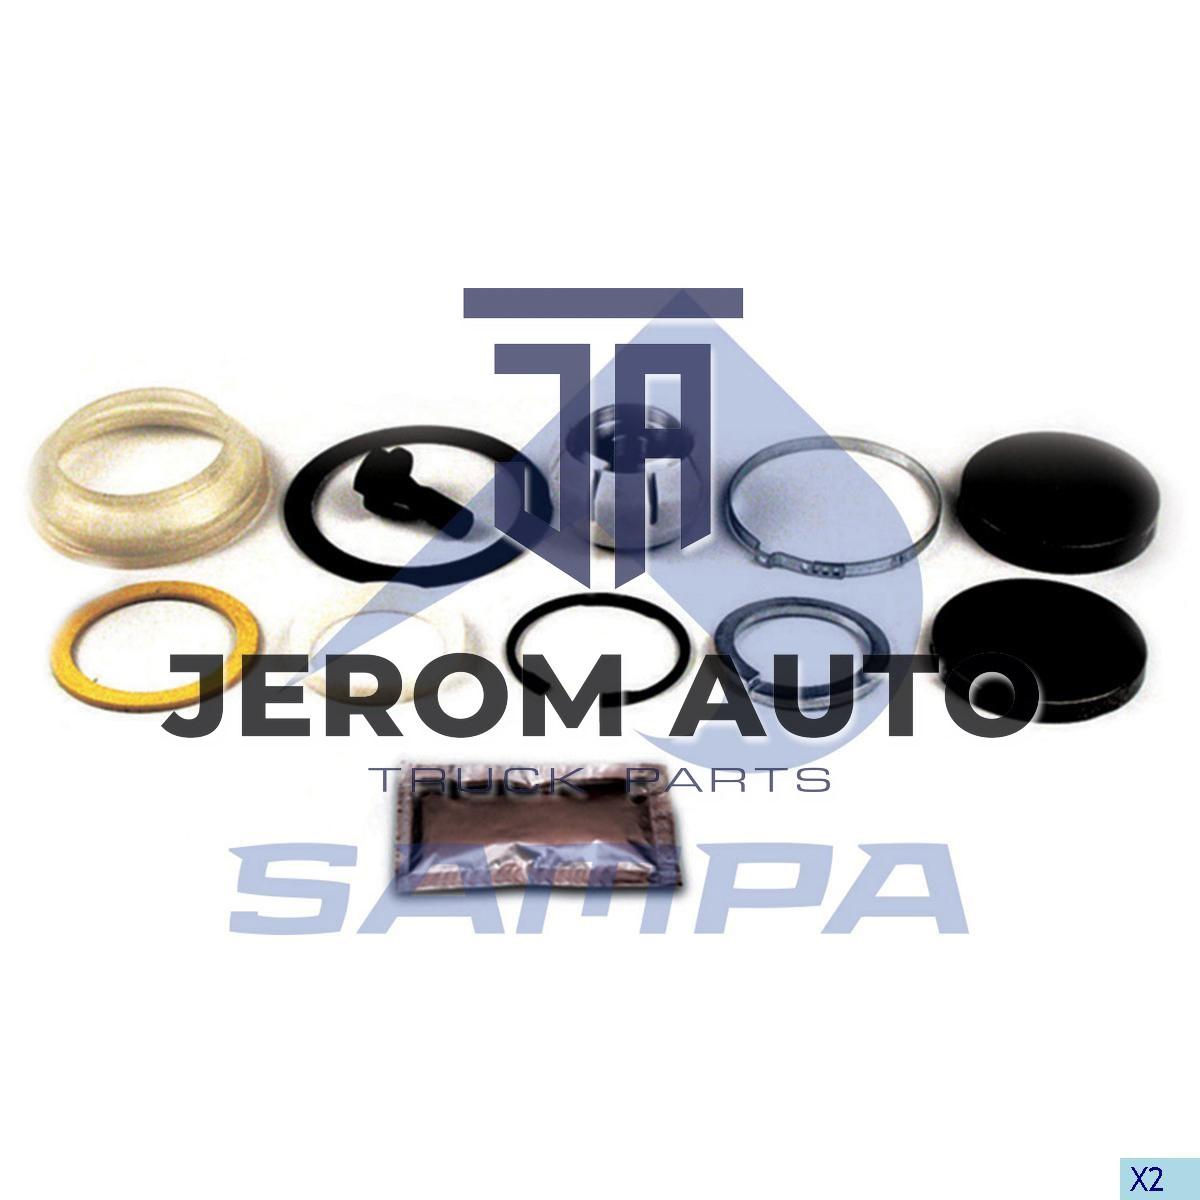 Ремкомплект тяги лучевой IVECO Trakker,Stralis, DAF CF75,XF95, VOLVO FH центр. \93161958 \ 060.509